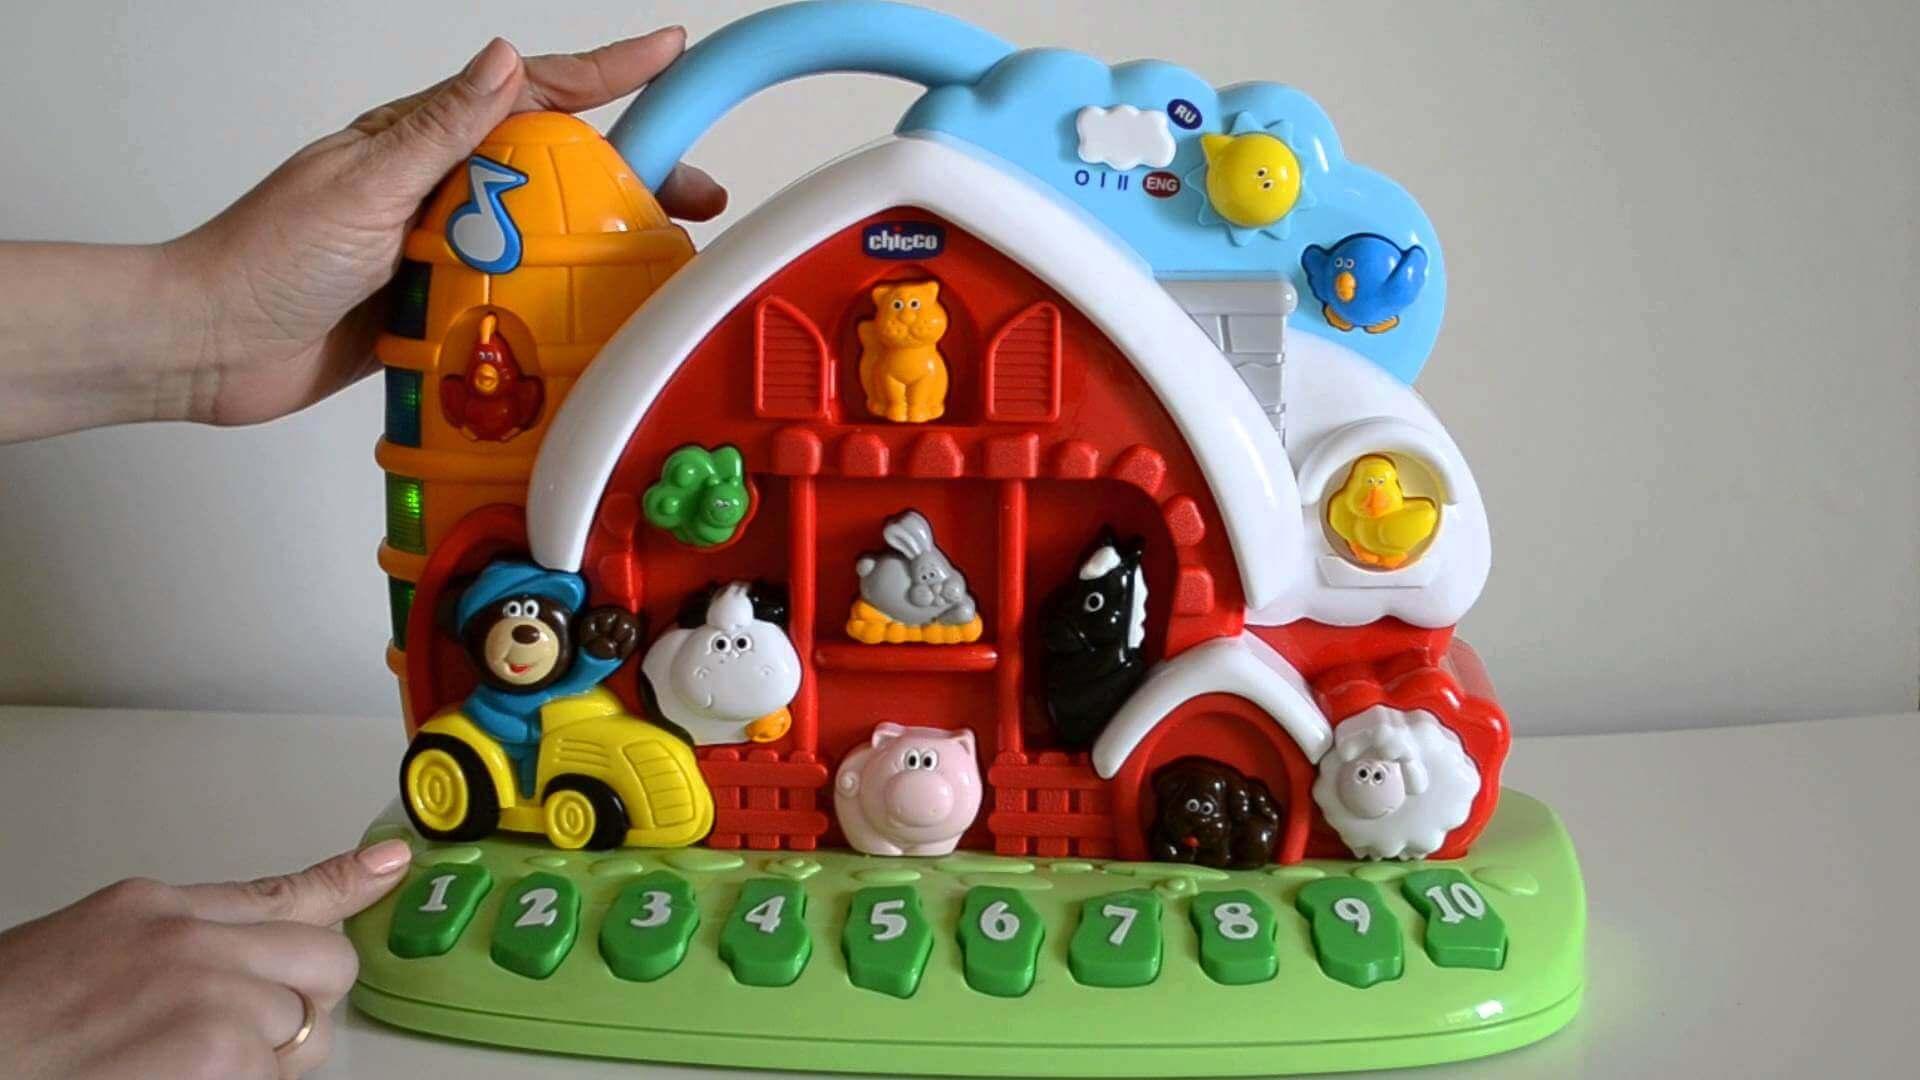 Развивающая игрушка: какая лучше?